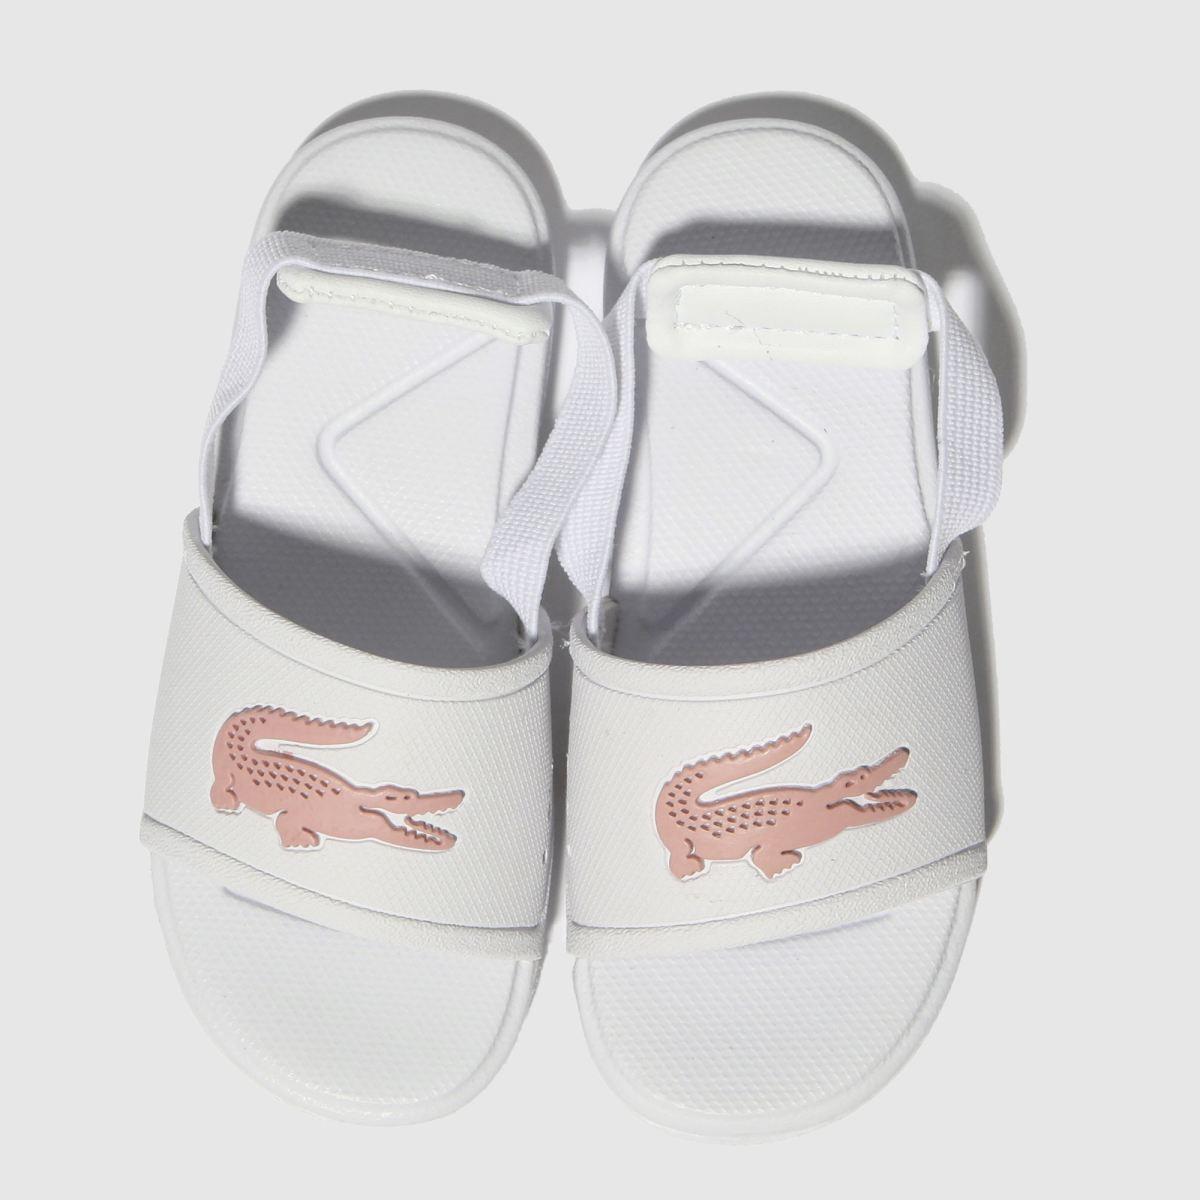 Lacoste White & Pink L.30 Slide Sandals Toddler